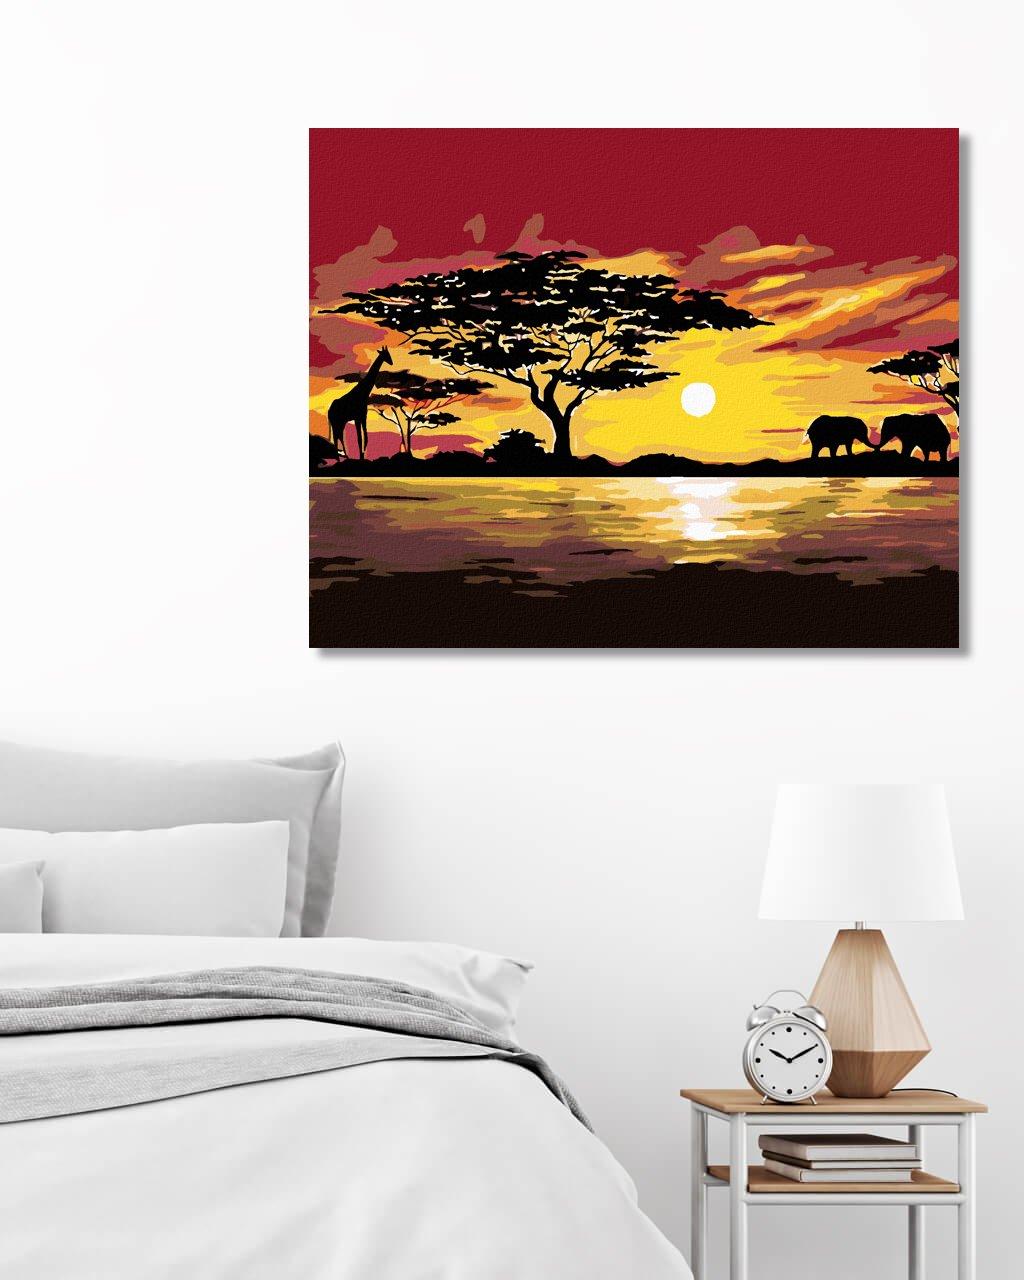 Maľovanie podľa čísel - AFRIKA ŽIRAFA A SLONI